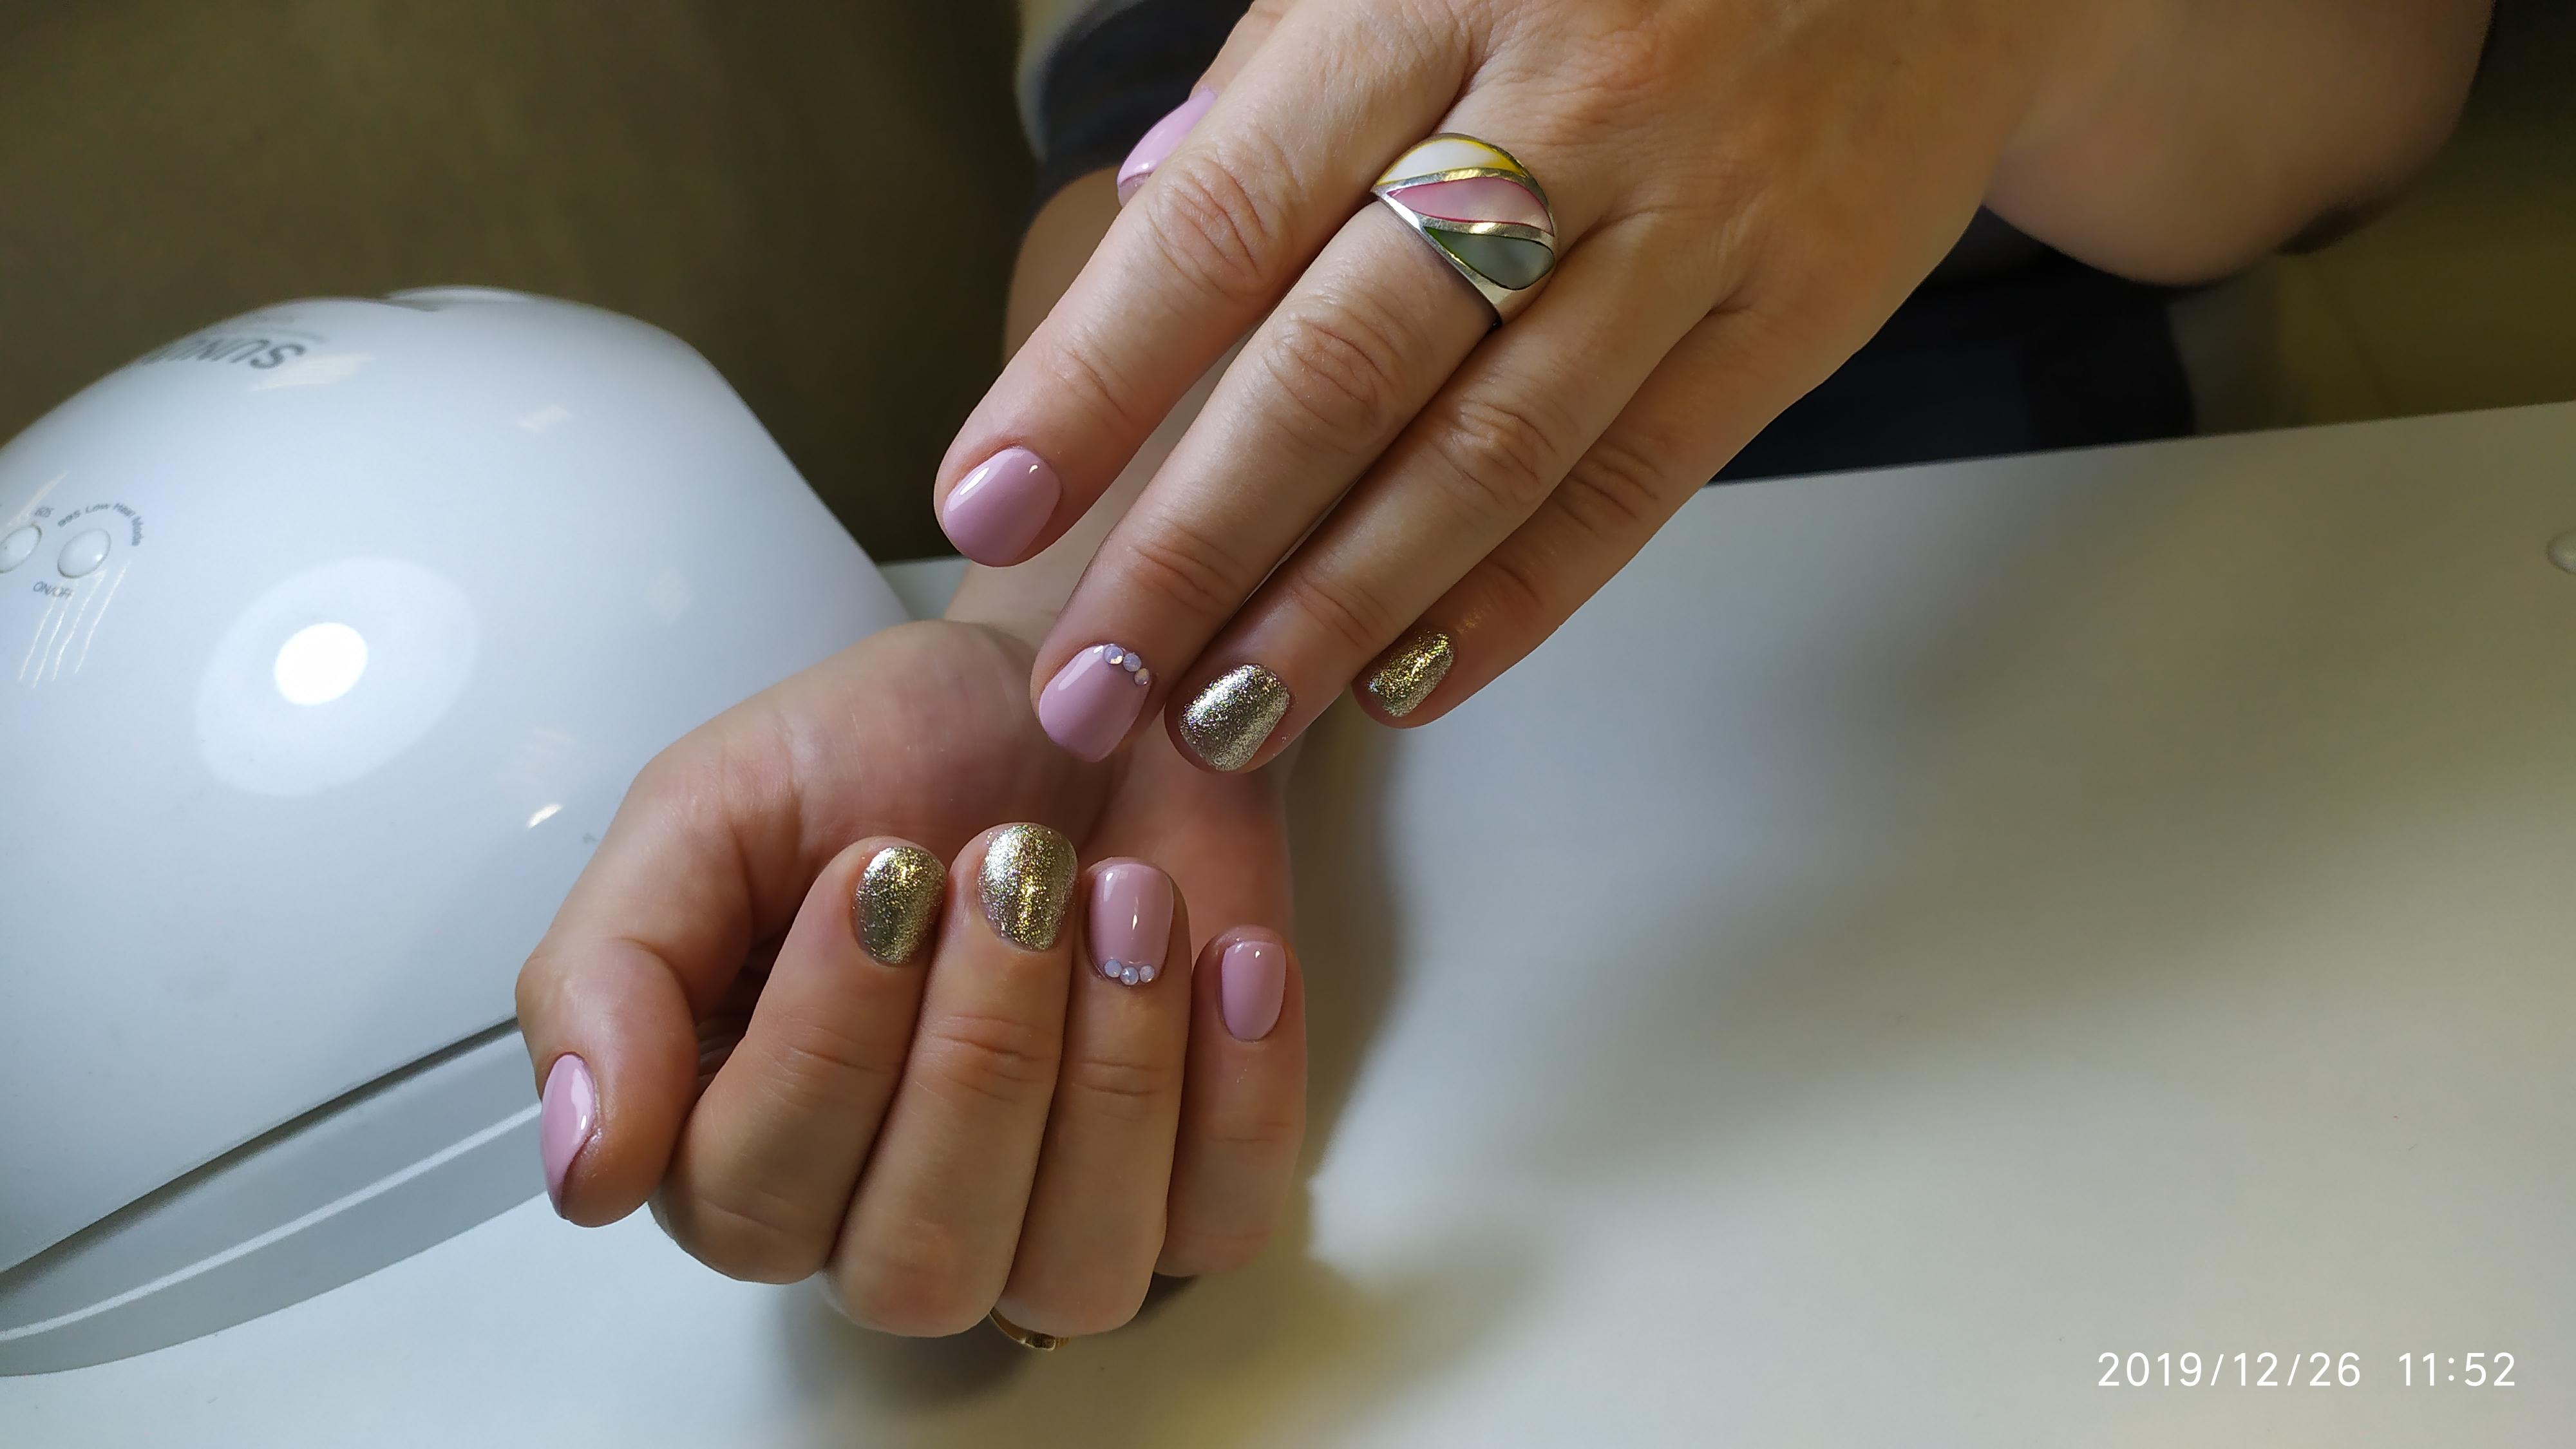 Маникюр с золотыми блестками в розовом цвете.